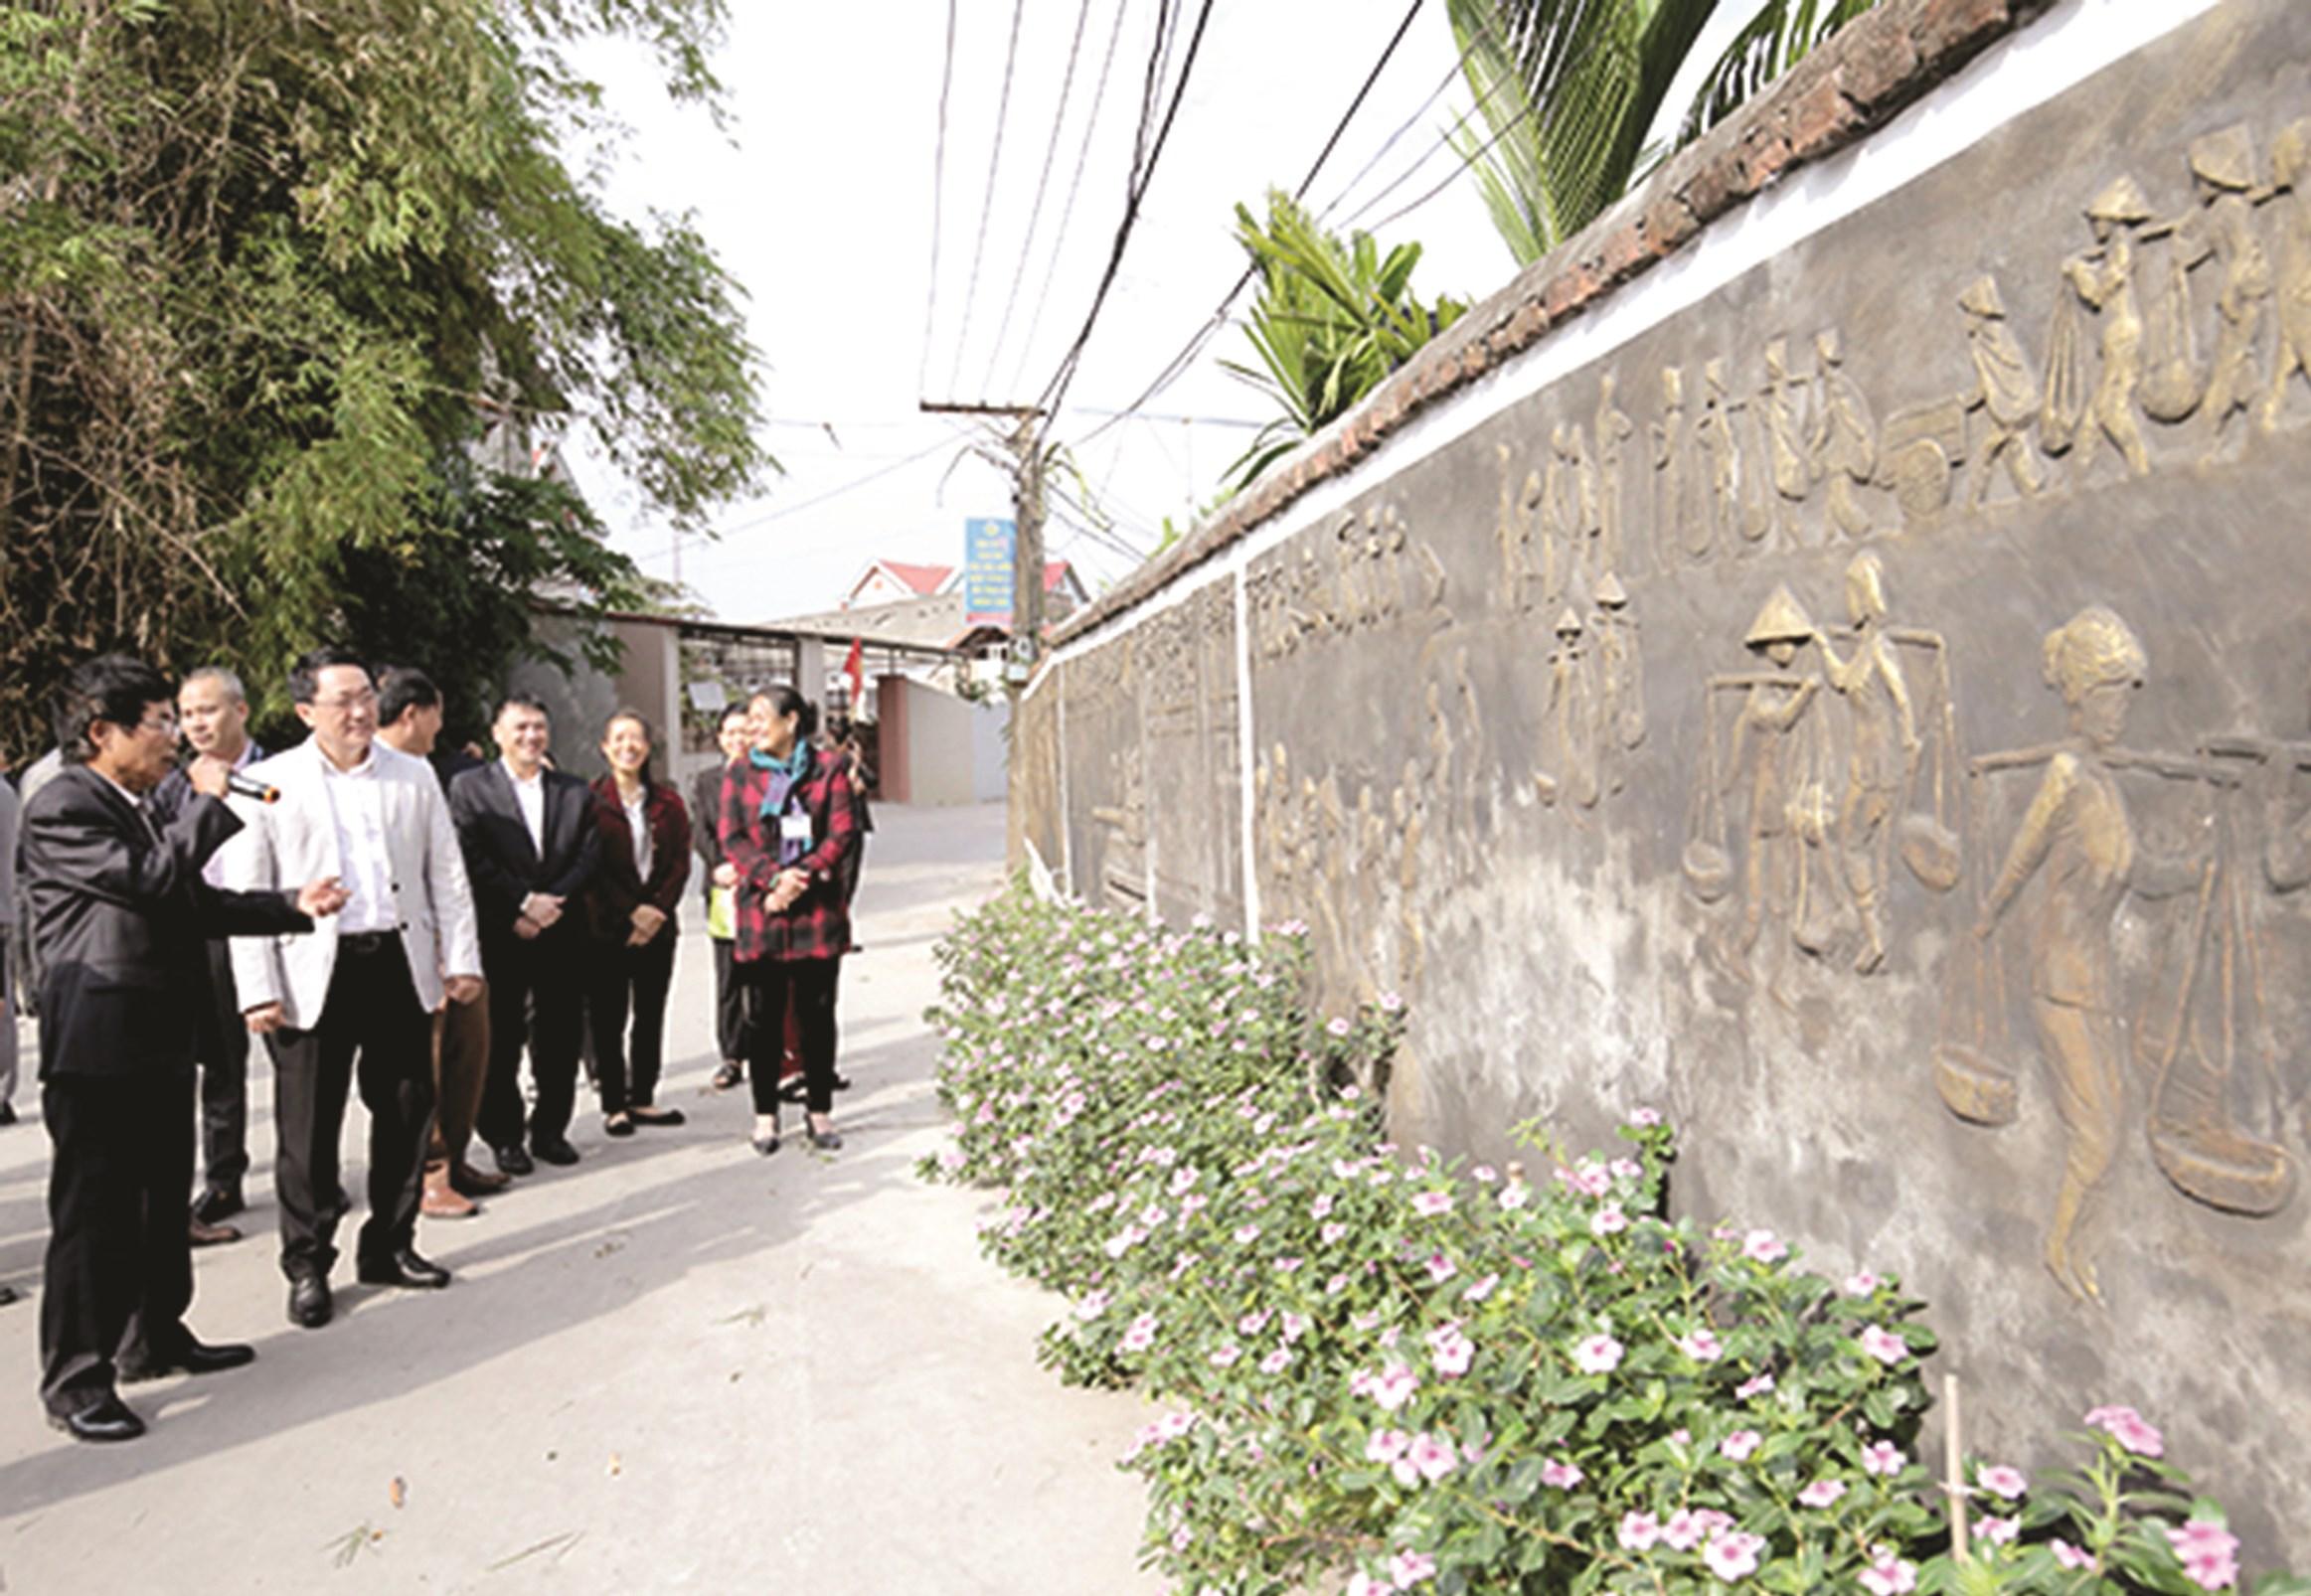 Diện mạo NTM kiểu mẫu ở thôn Đông Thượng, xã Lãng Sơn